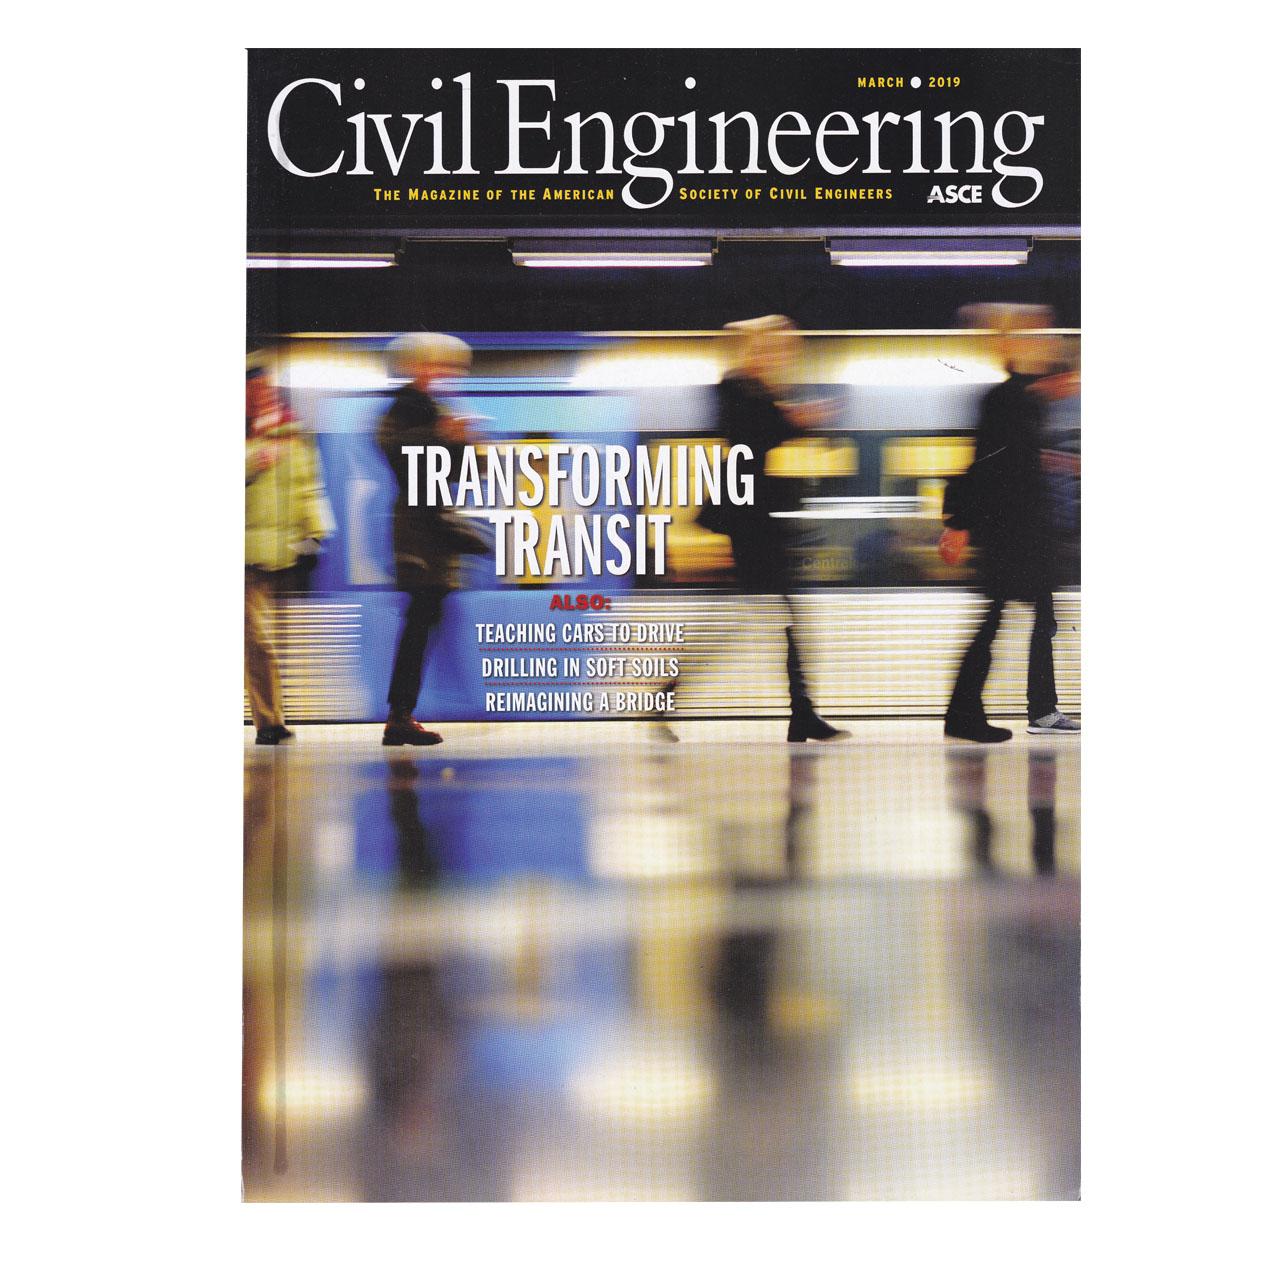 مجله Civil Engineering مارچ 2019